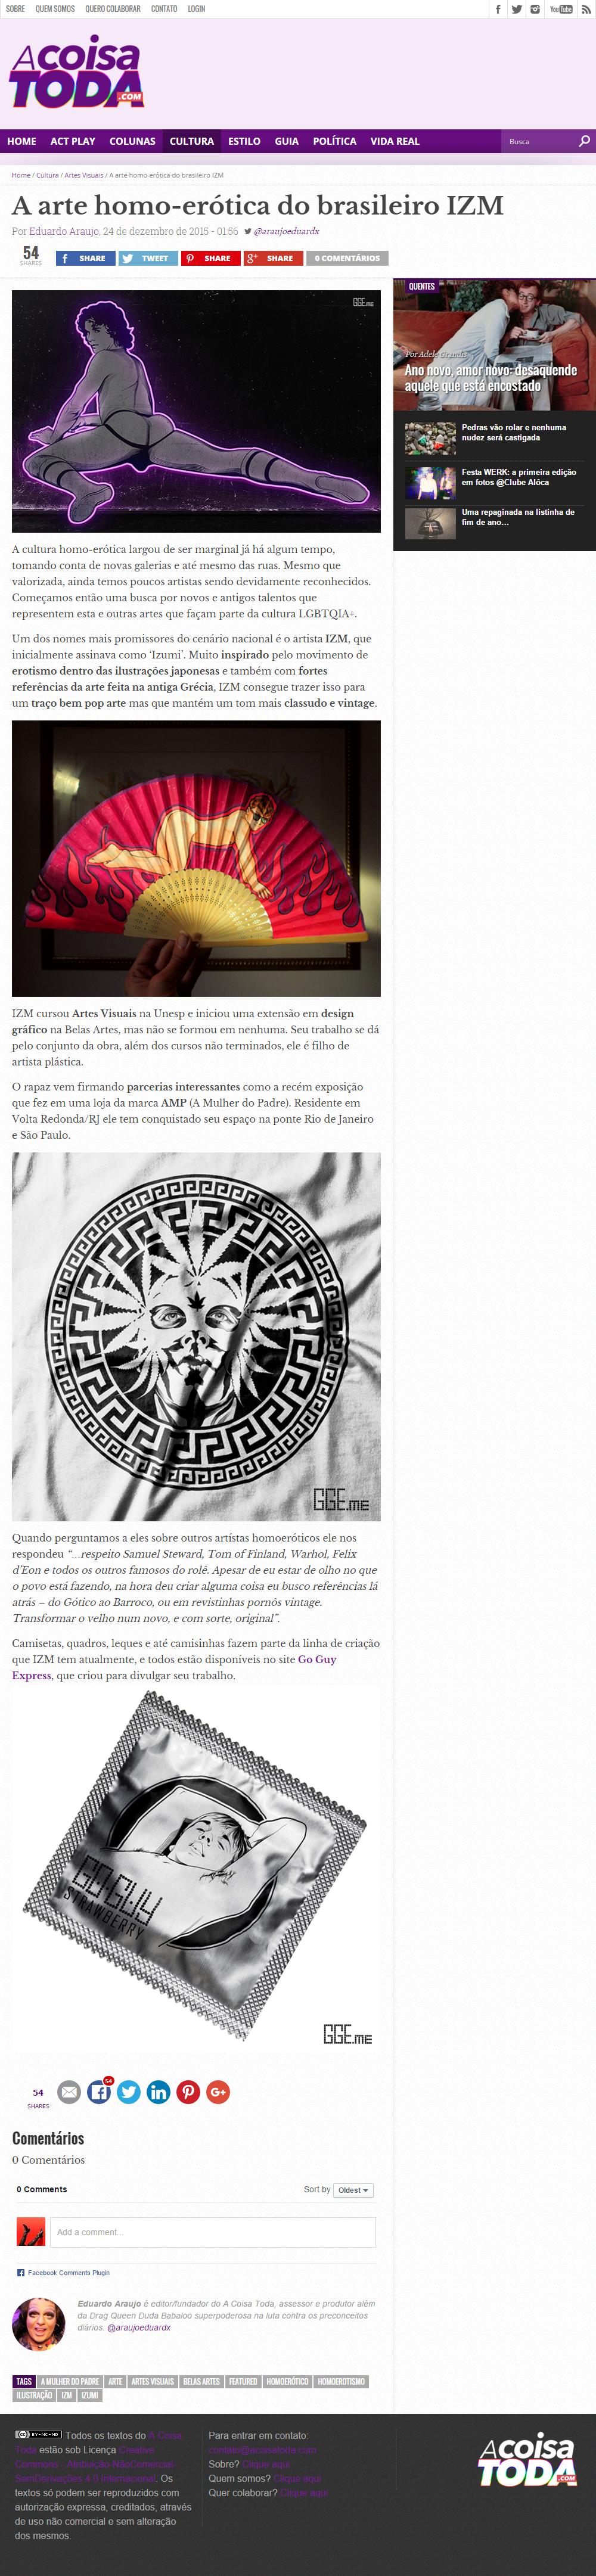 screencapture-acoisatoda-com-2015-12-24-a-arte-homo-erotica-de-izm-1451257929717.png